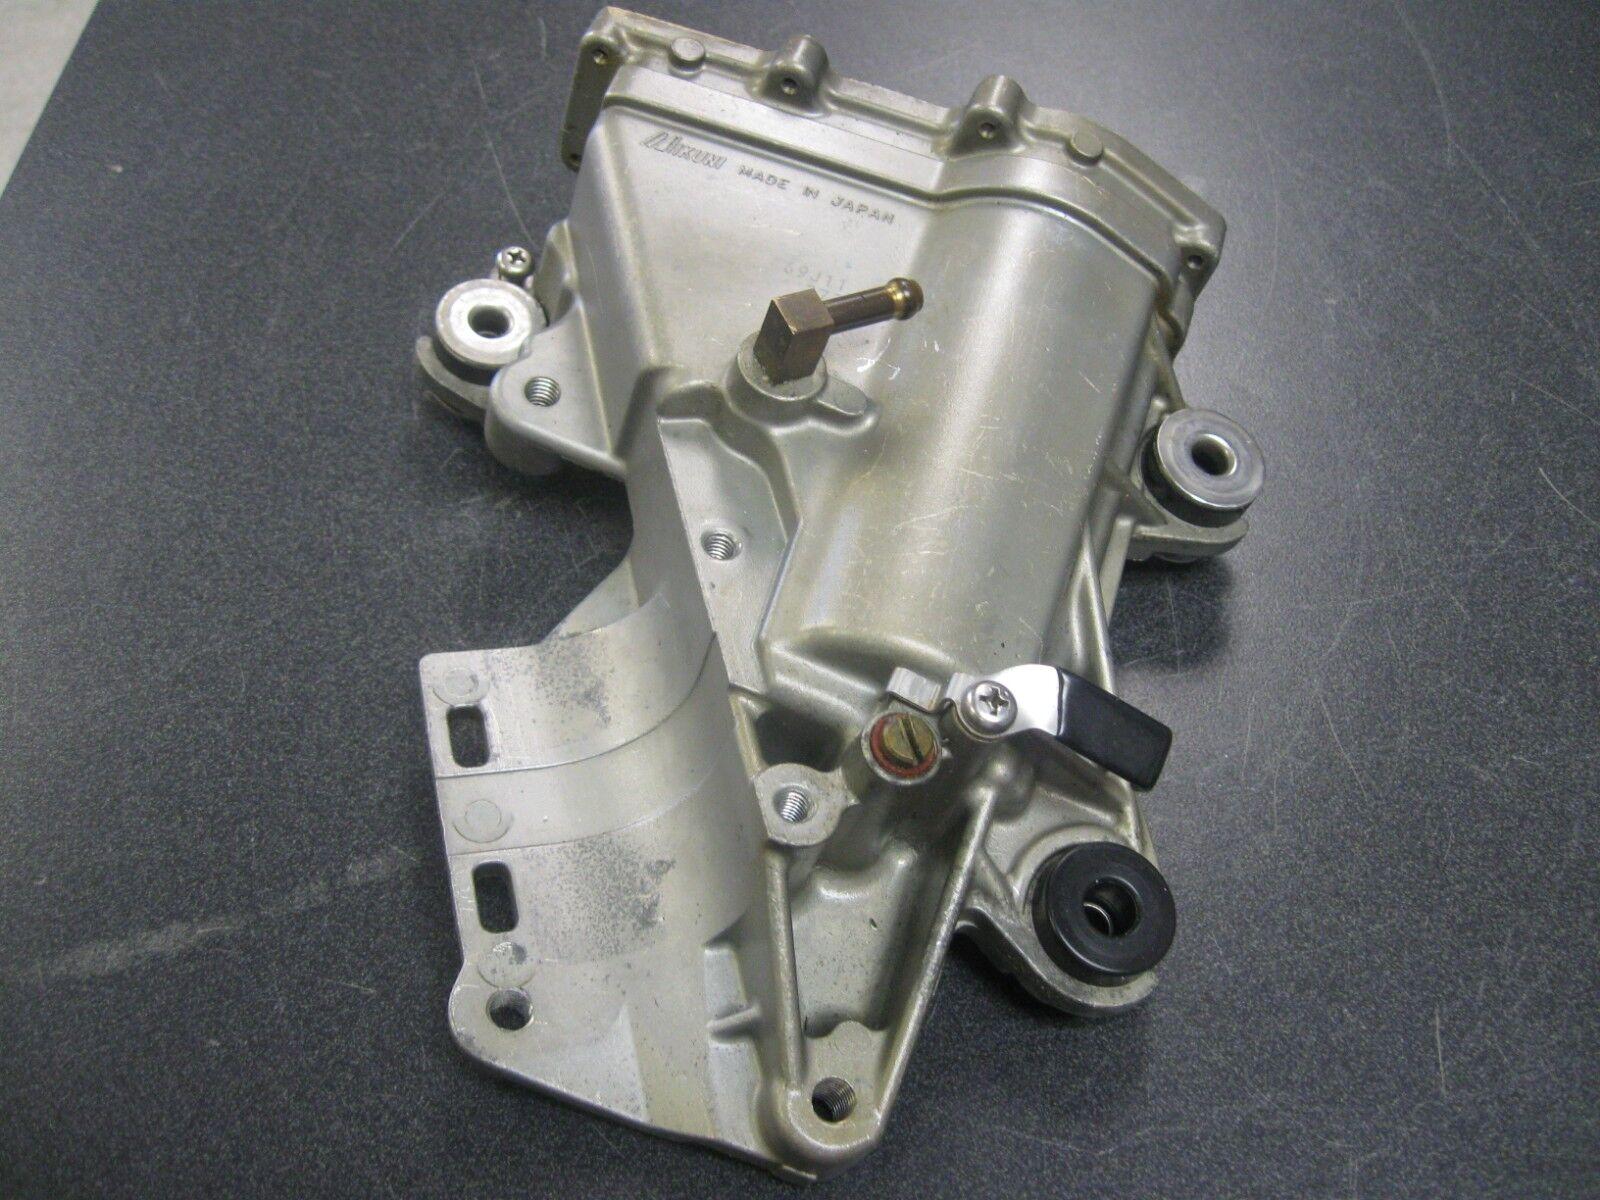 Yamaha Außenborder F225 Schwimmerkammer 1 1 Schwimmerkammer Body 69J-14181-00-00 d88626